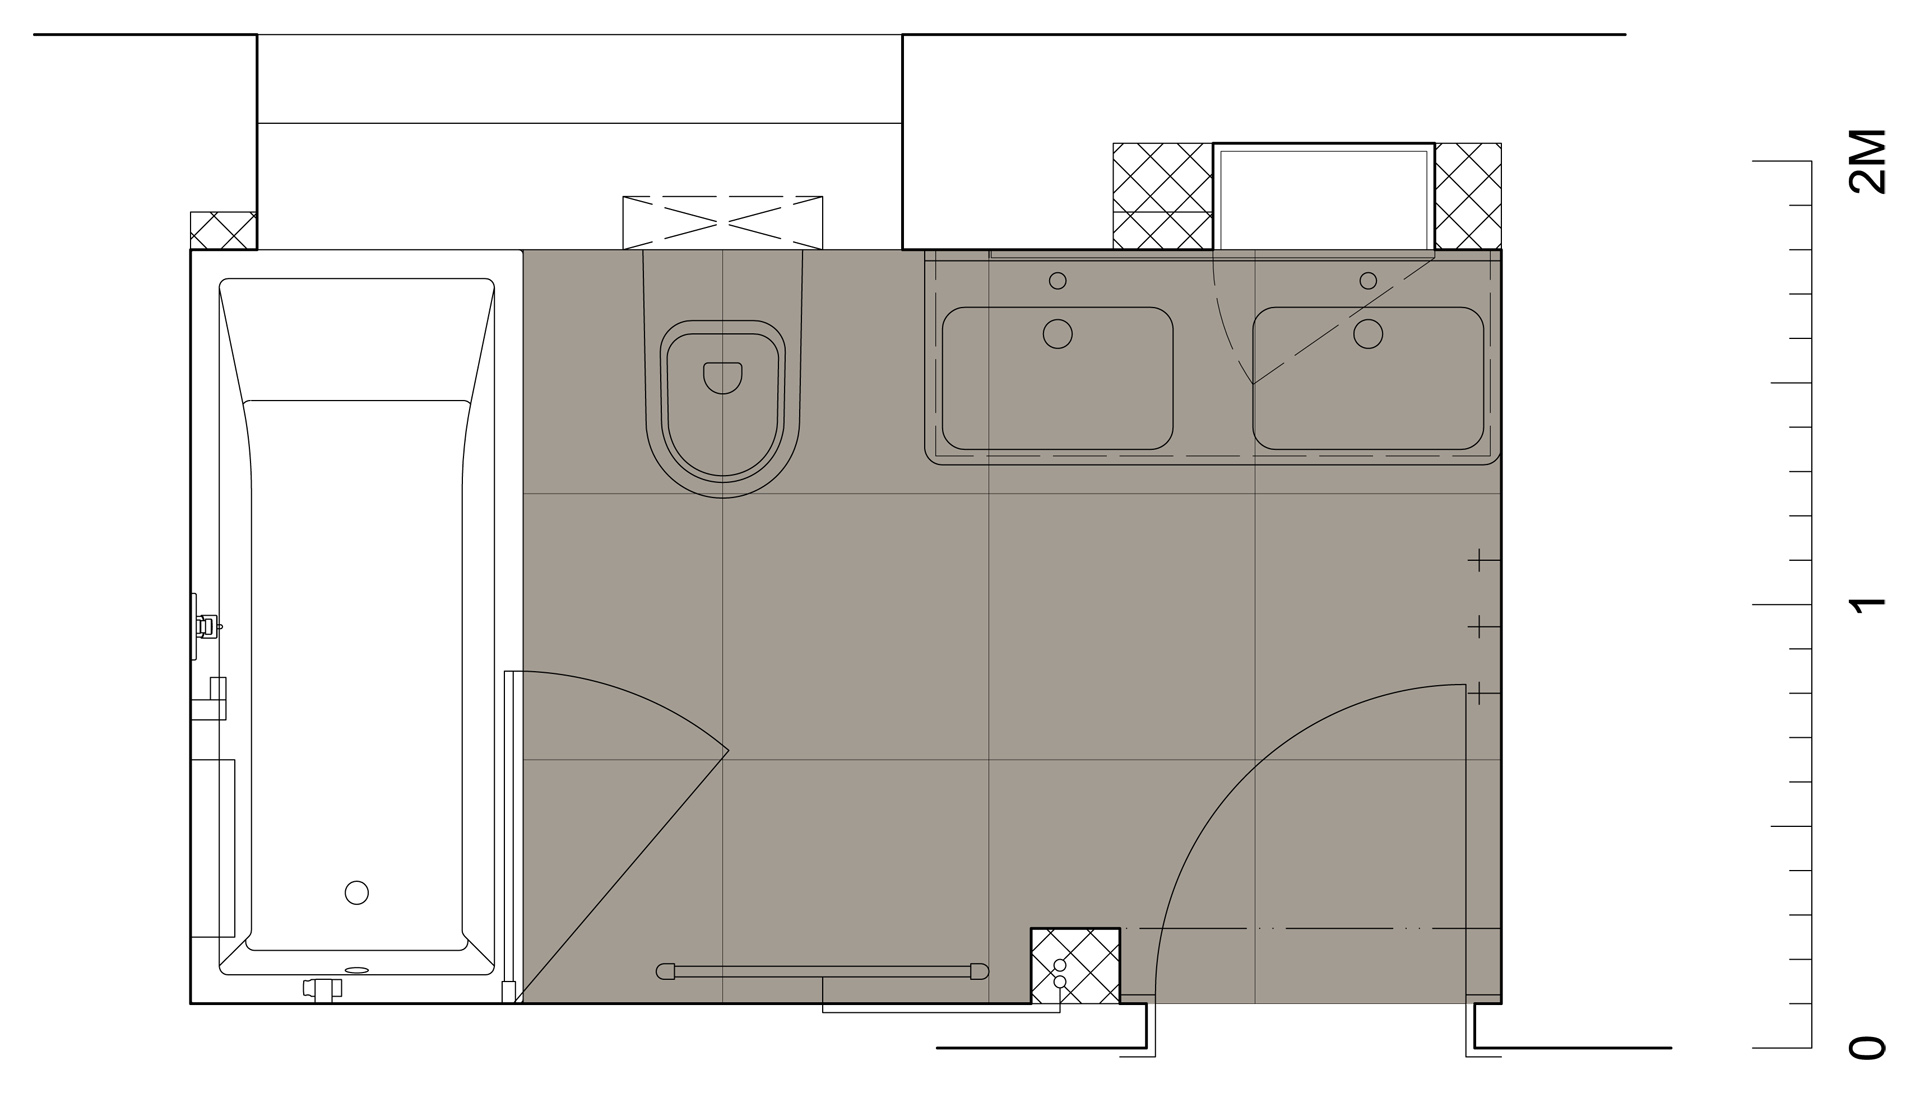 jak se staví sen - koupelna Beroun - půdorys